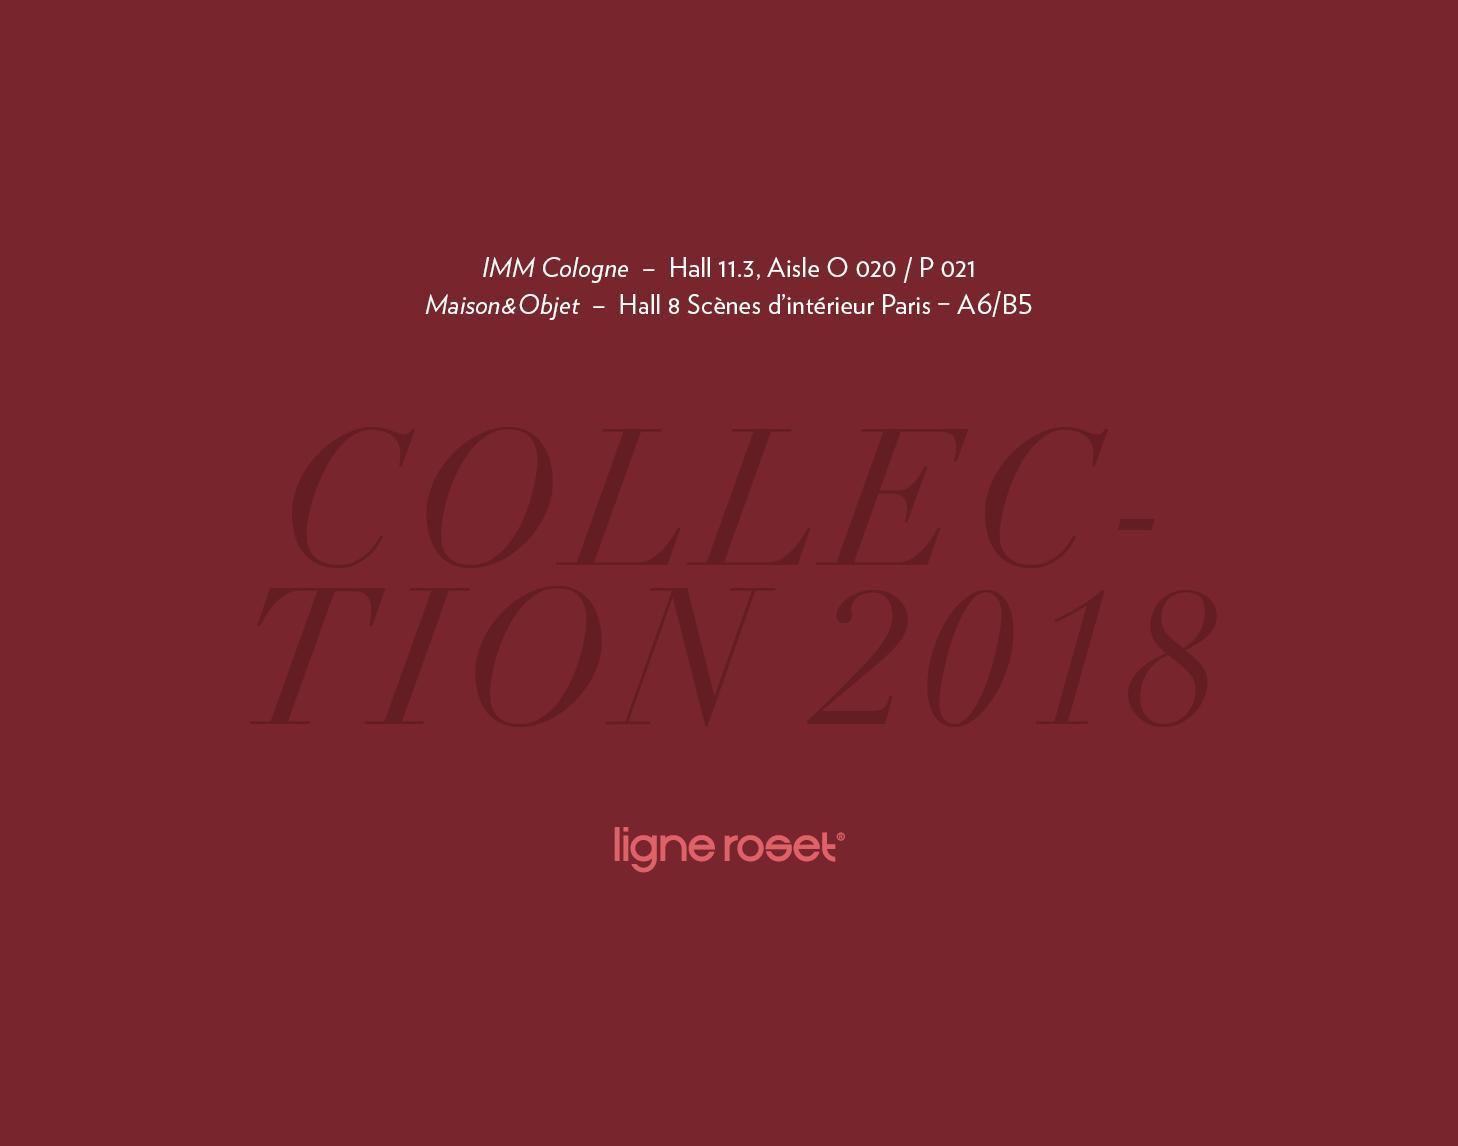 IMM Cologne and Maison&Objet 2018 Ligne Roset